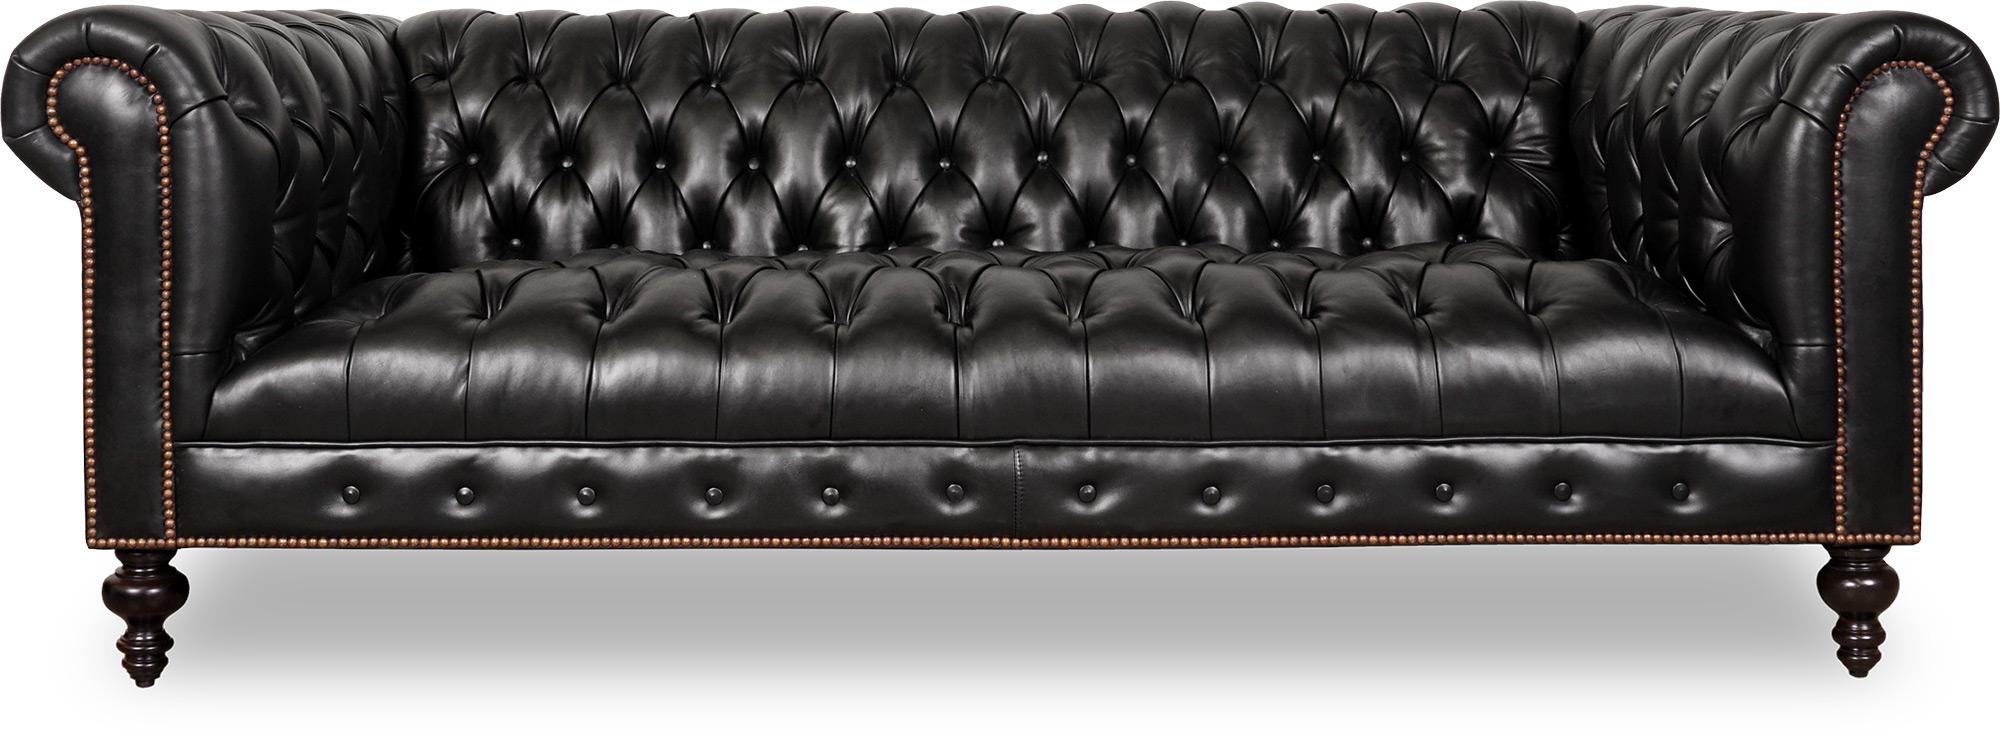 Full Size of Hochwertige Leder Sofa Textil Stoff Chesterfield Couch England Groß Mit Schlaffunktion Brühl Grau Braun Hussen Für 3 Sitzer Relaxfunktion In L Form Koinor Sofa Chesterfield Sofa